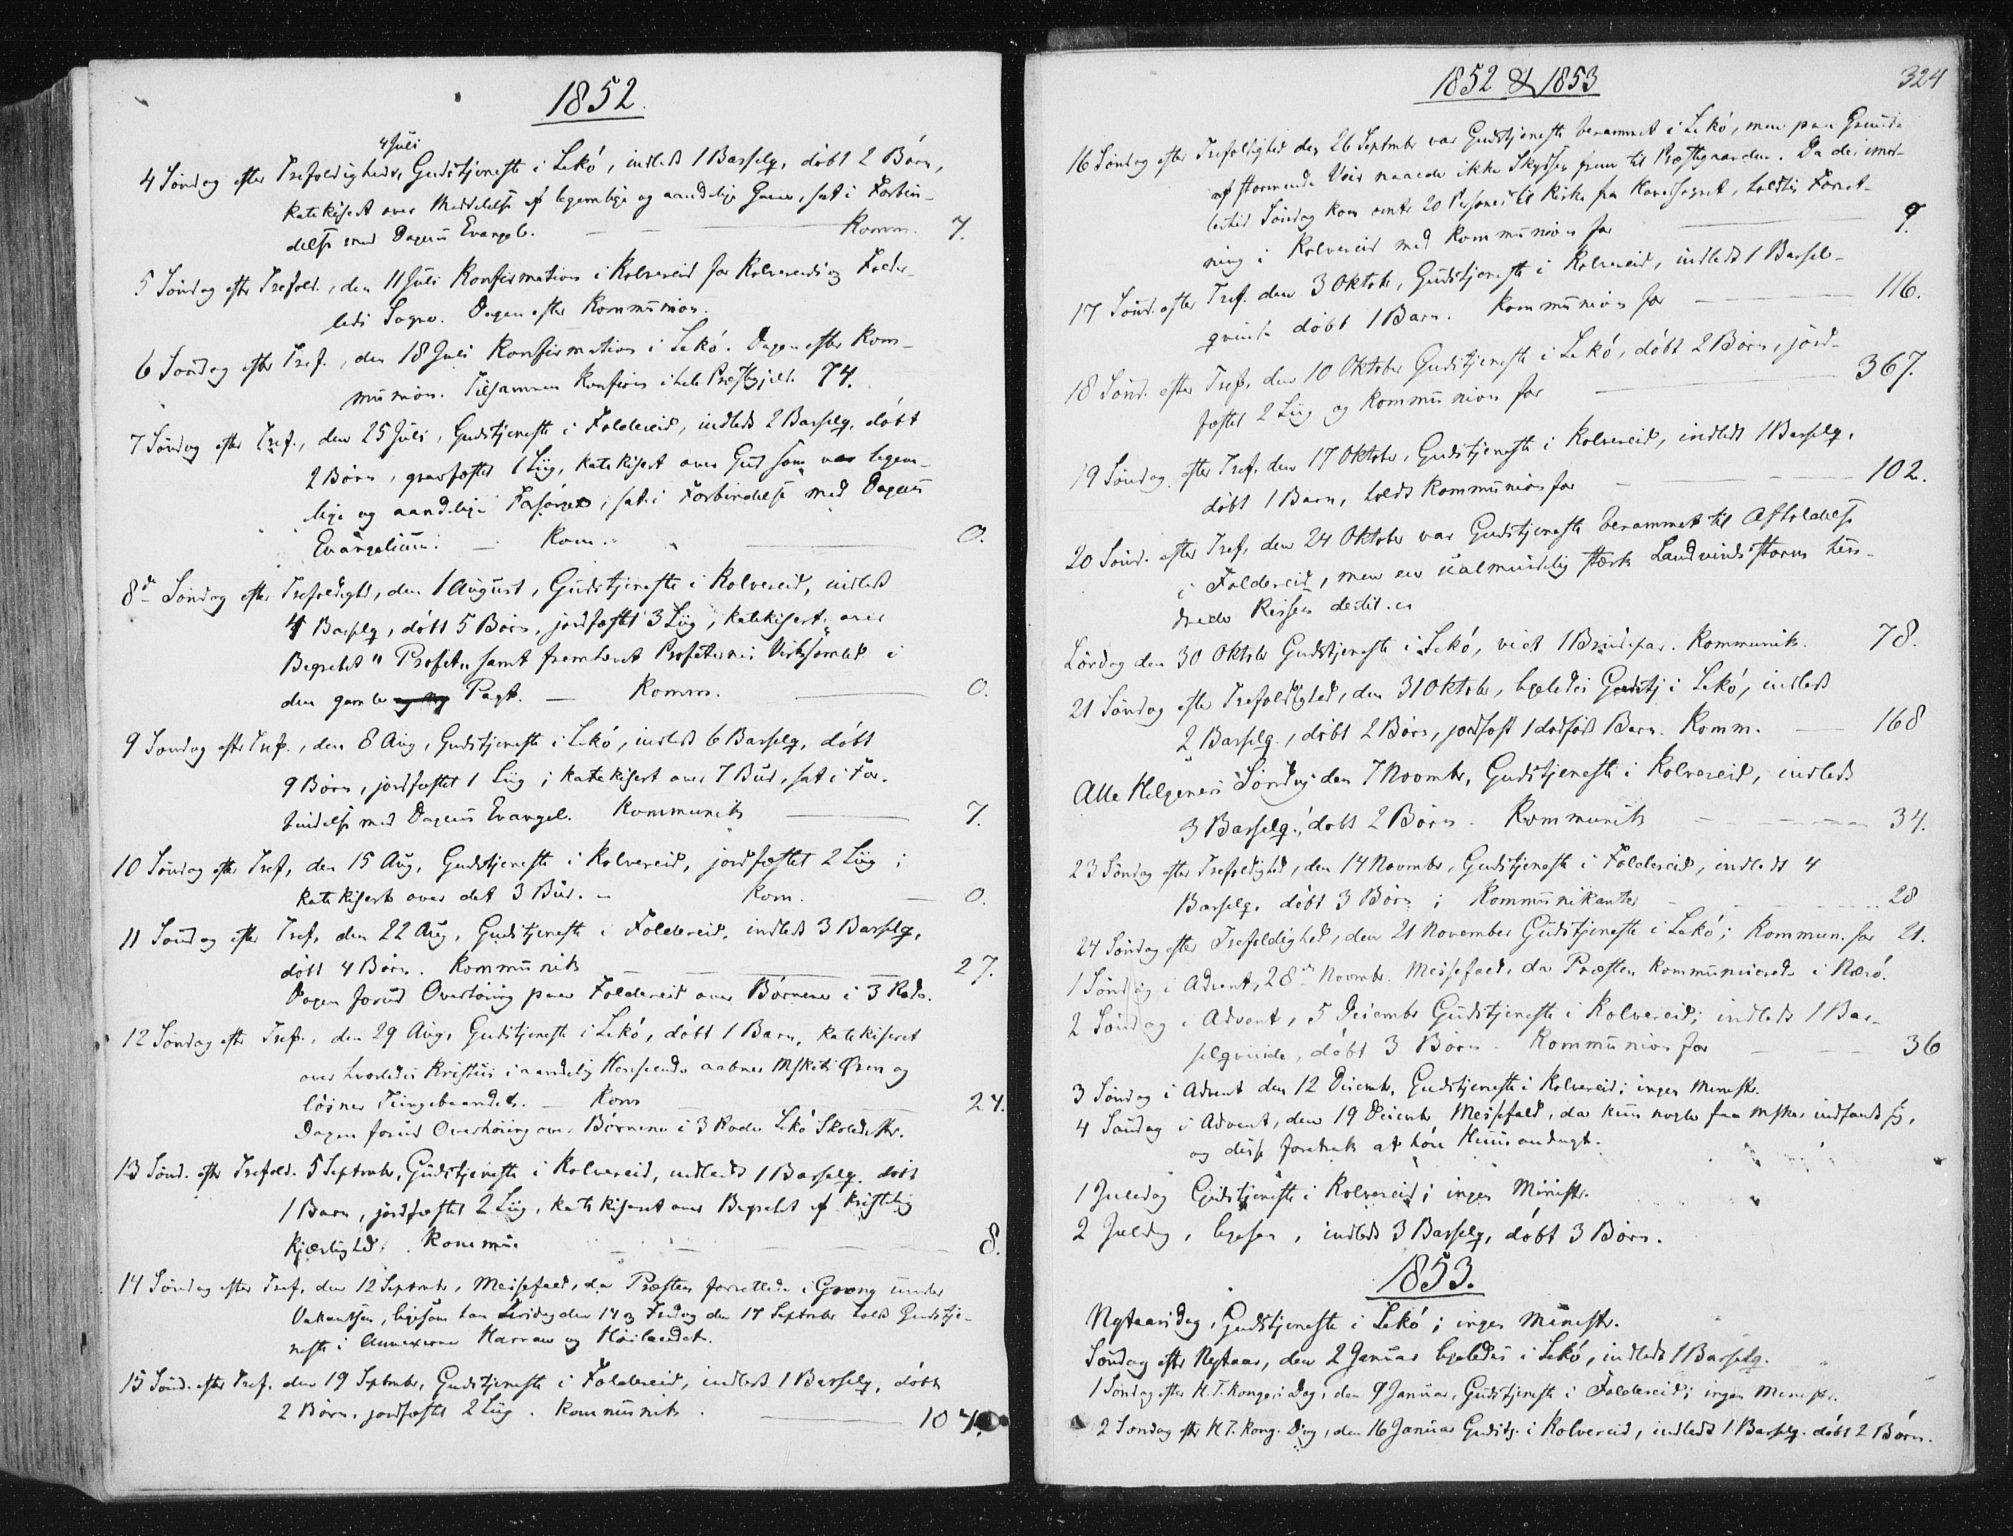 SAT, Ministerialprotokoller, klokkerbøker og fødselsregistre - Nord-Trøndelag, 780/L0640: Ministerialbok nr. 780A05, 1845-1856, s. 324